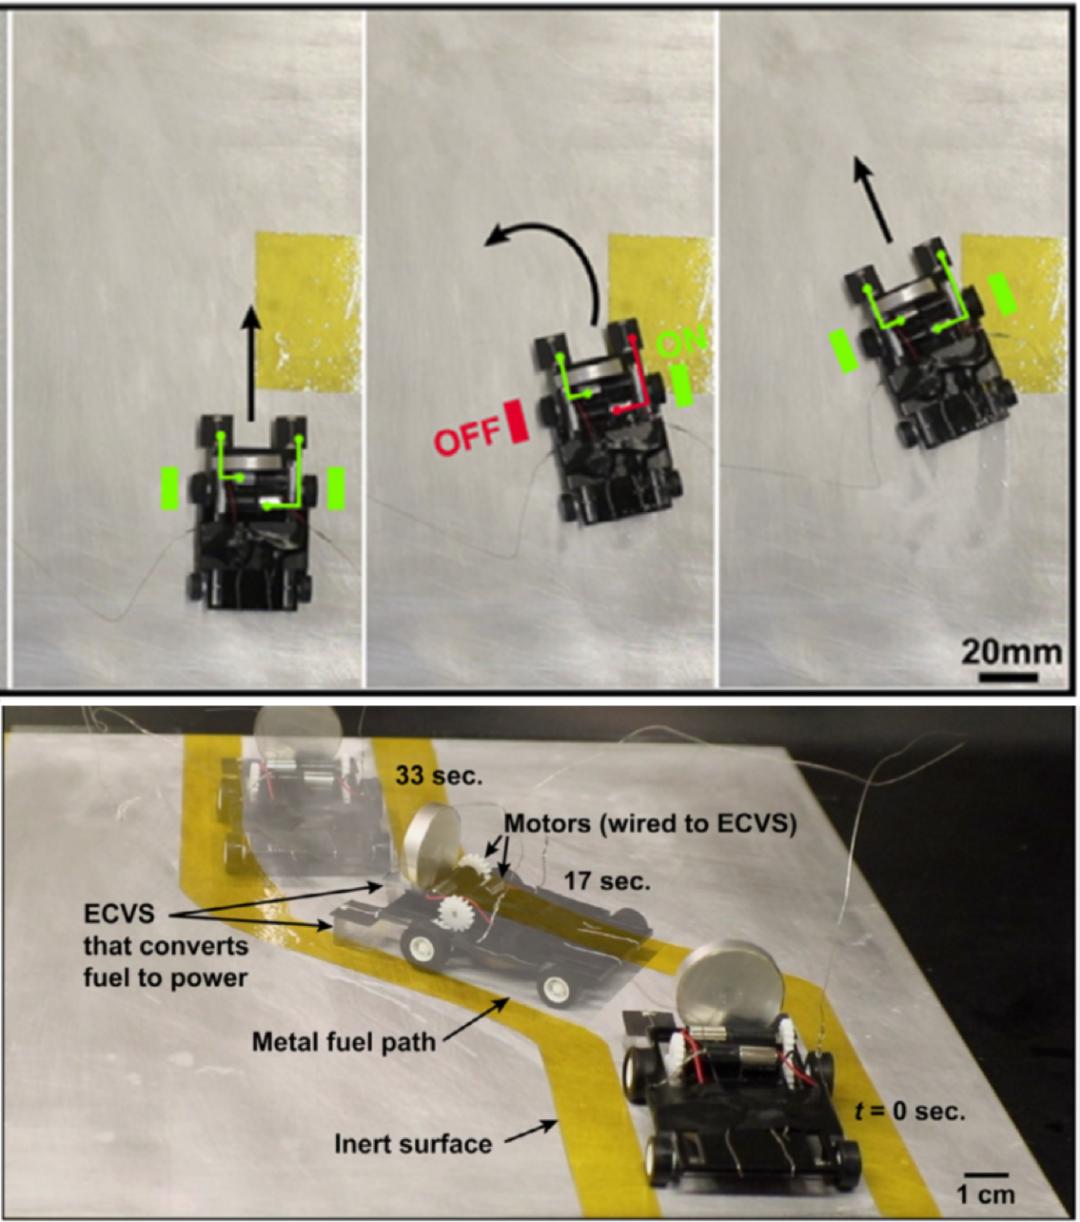 会玩!电化学让无电池、无程序控制的小车自主运动、趋利避害